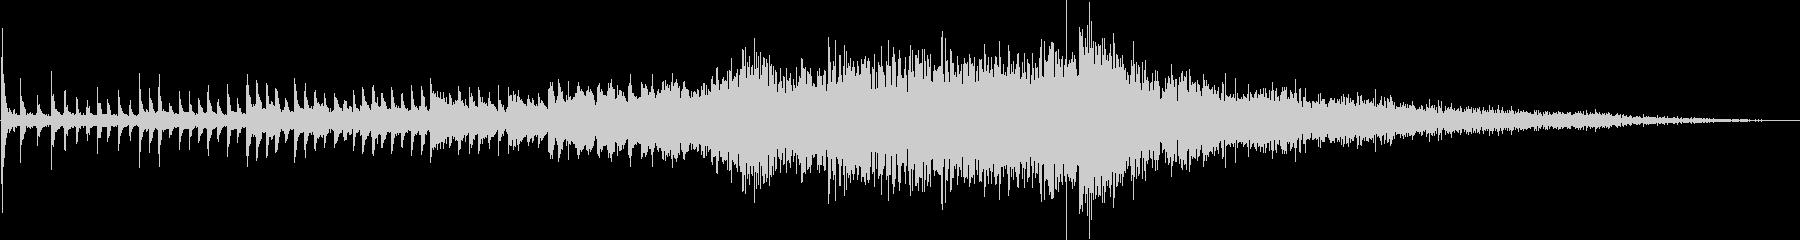 ピアノ:サウンドボードの弦で劇的な...の未再生の波形